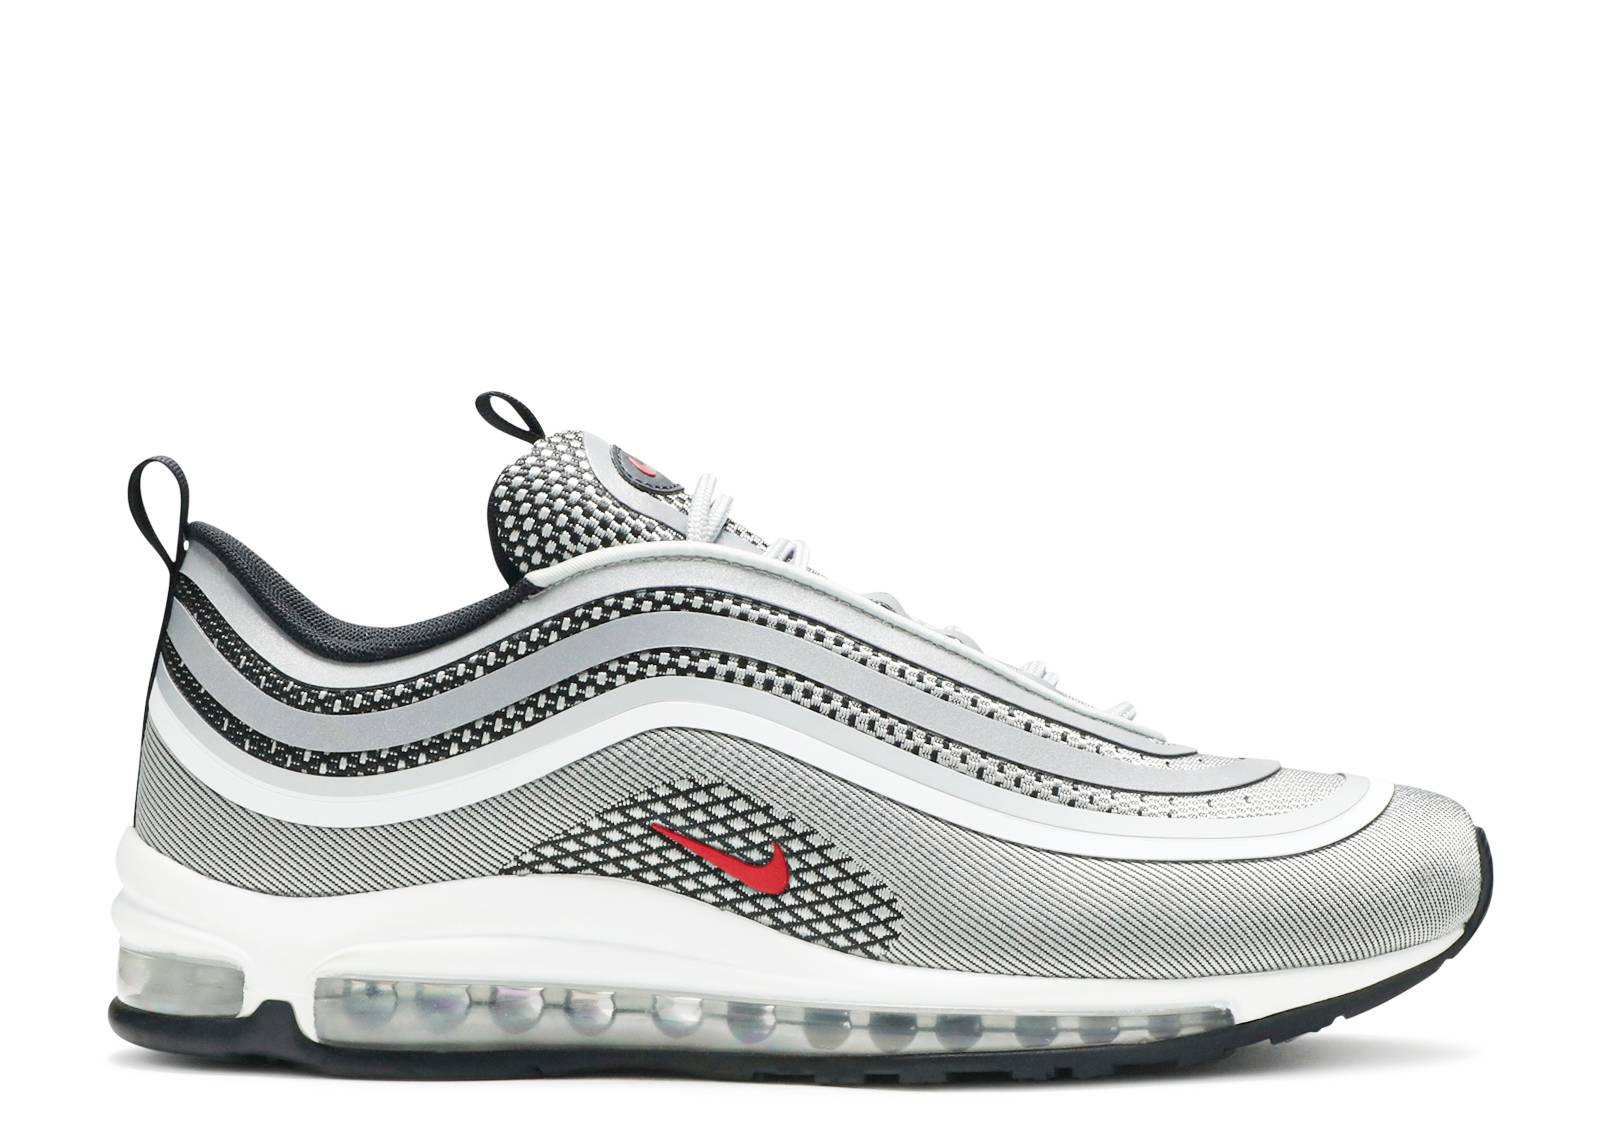 Air Max 97 UL   39 17 - Nike - 918356 003 - metallic c45bee0c7